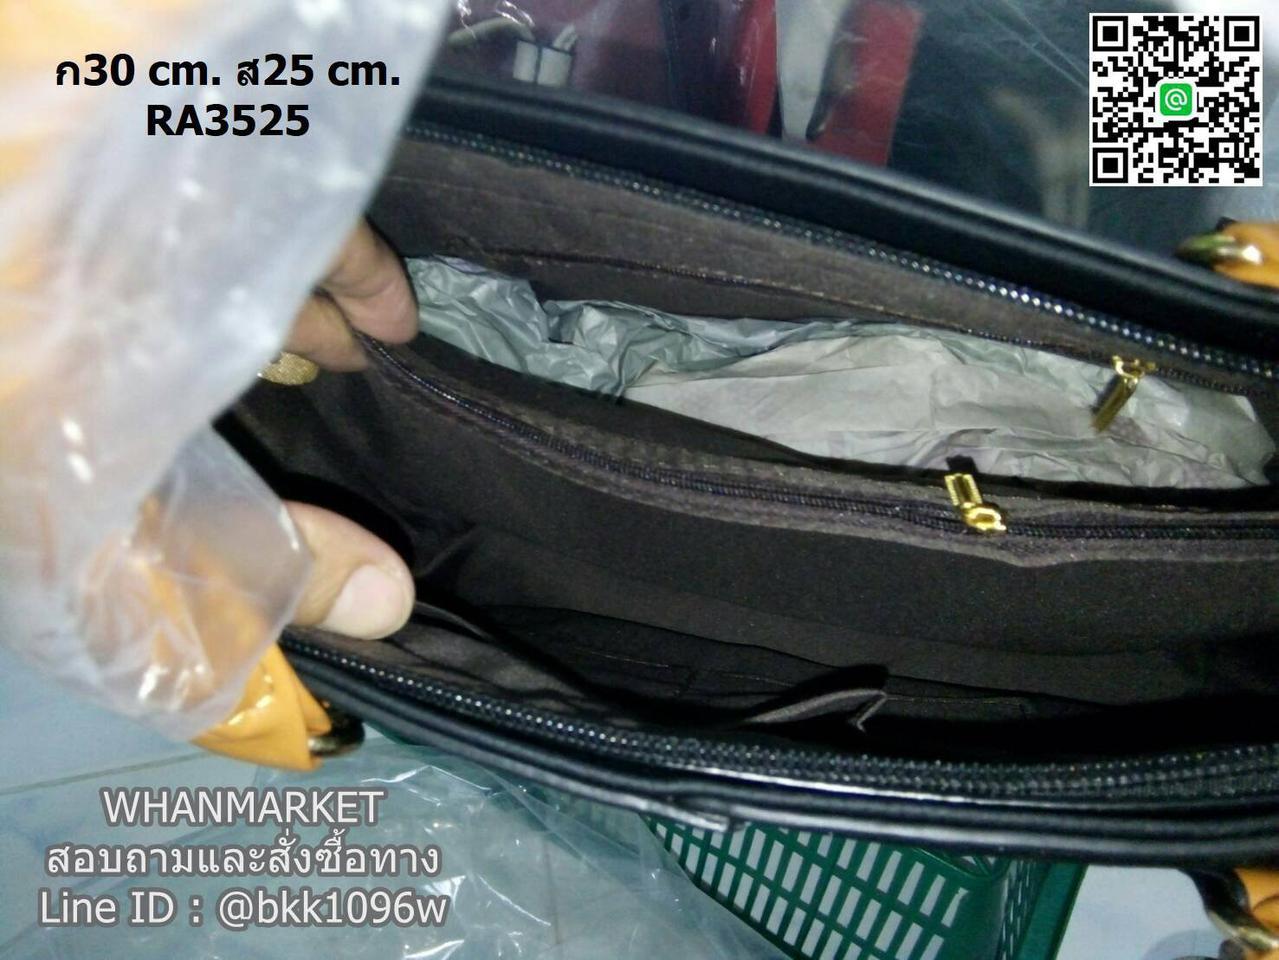 กระเป๋าถือและสะพายข้างแฟชั่น ทูโทน ทรงเหลี่ยมใบใหญ่ แต่งอะไหล่ทอง วัสดุหนัง PU คุณภาพดี รูปที่ 6